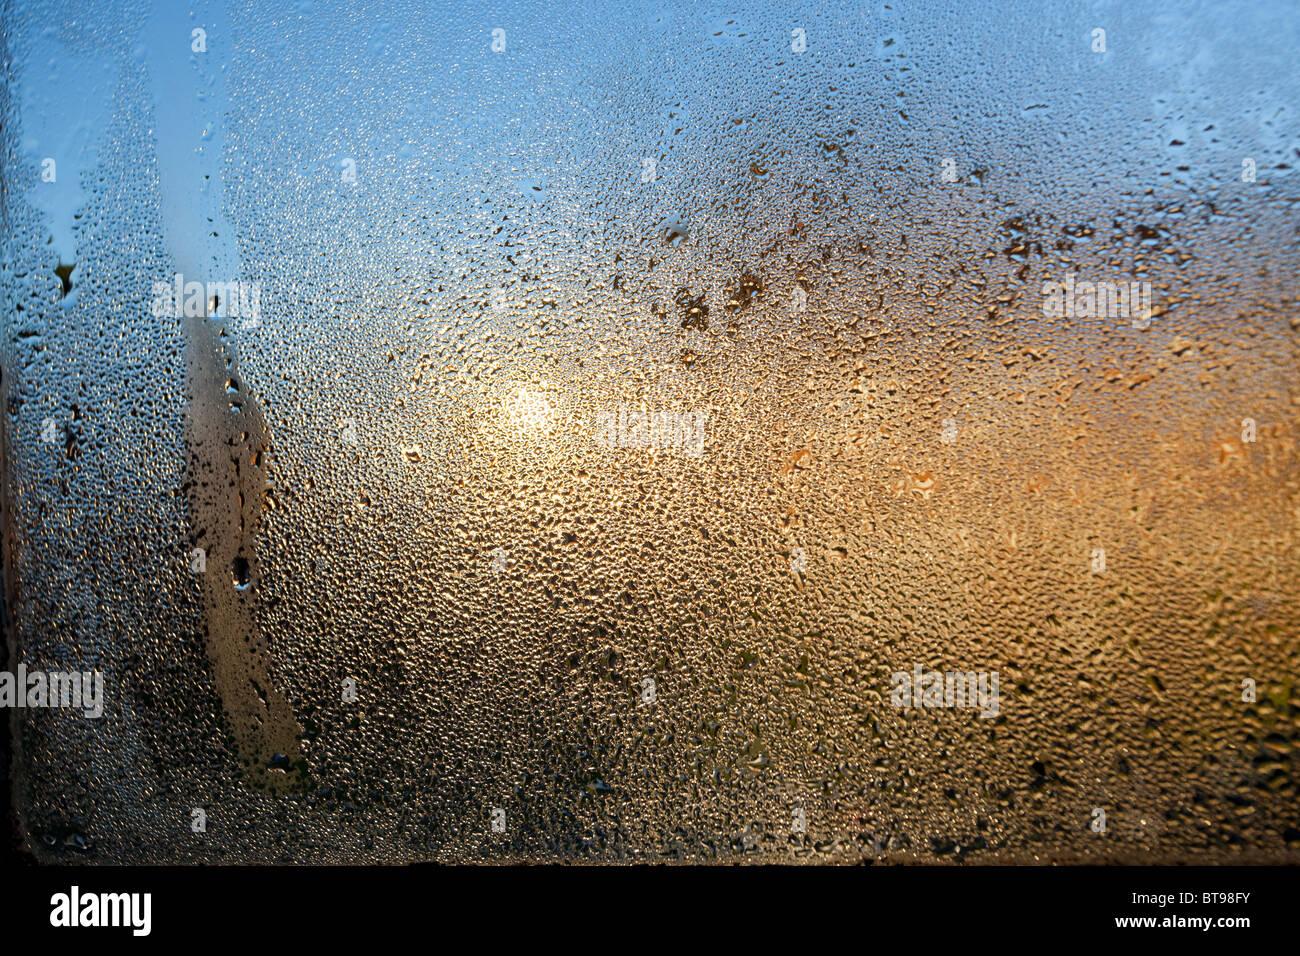 La condensation sur une fenêtre en verre Photo Stock